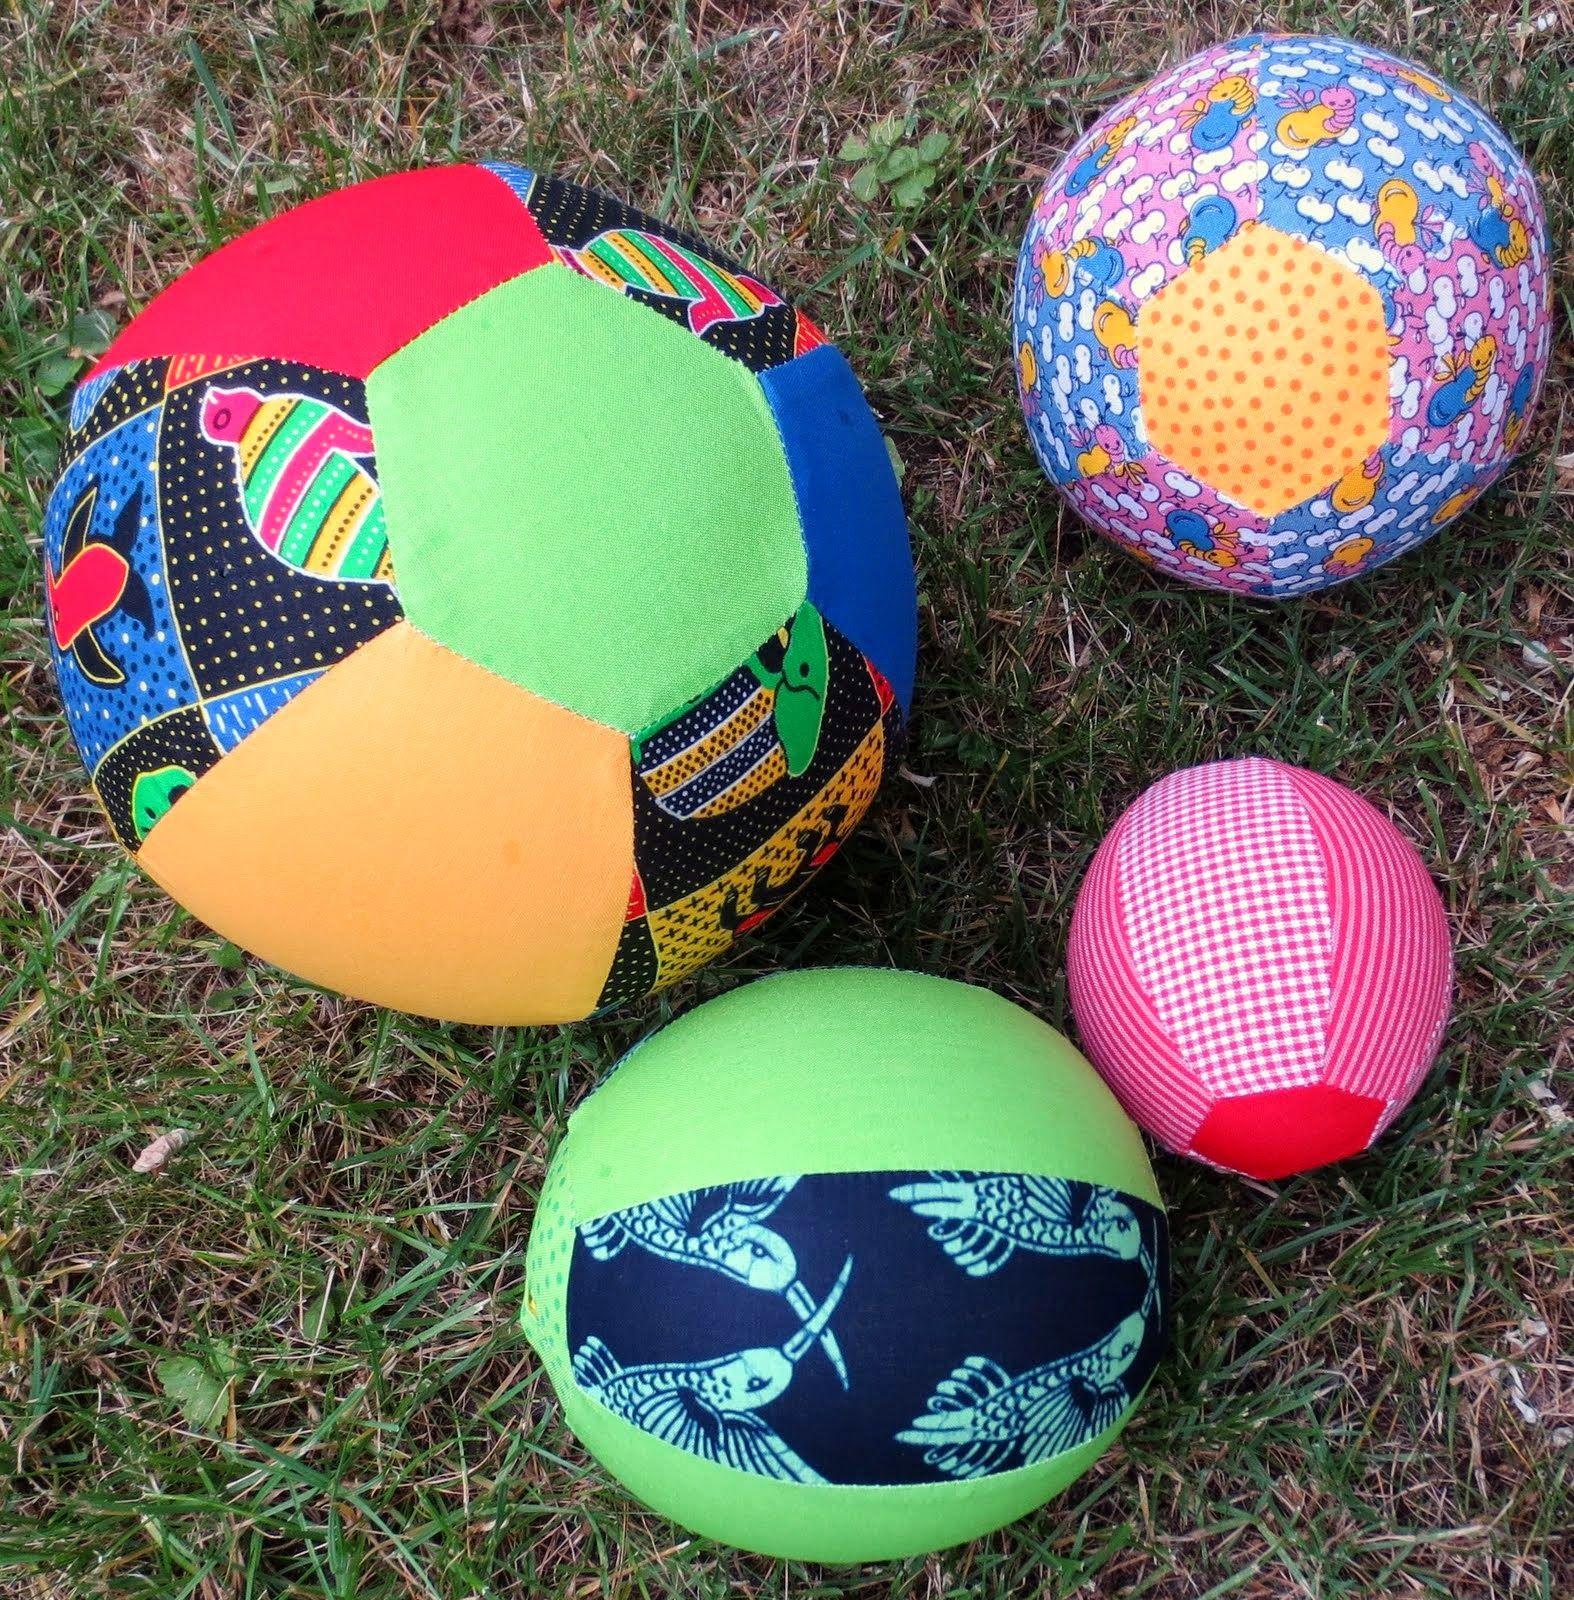 luftigleichte stoffbälle mit bildern  ball stoffe kinder